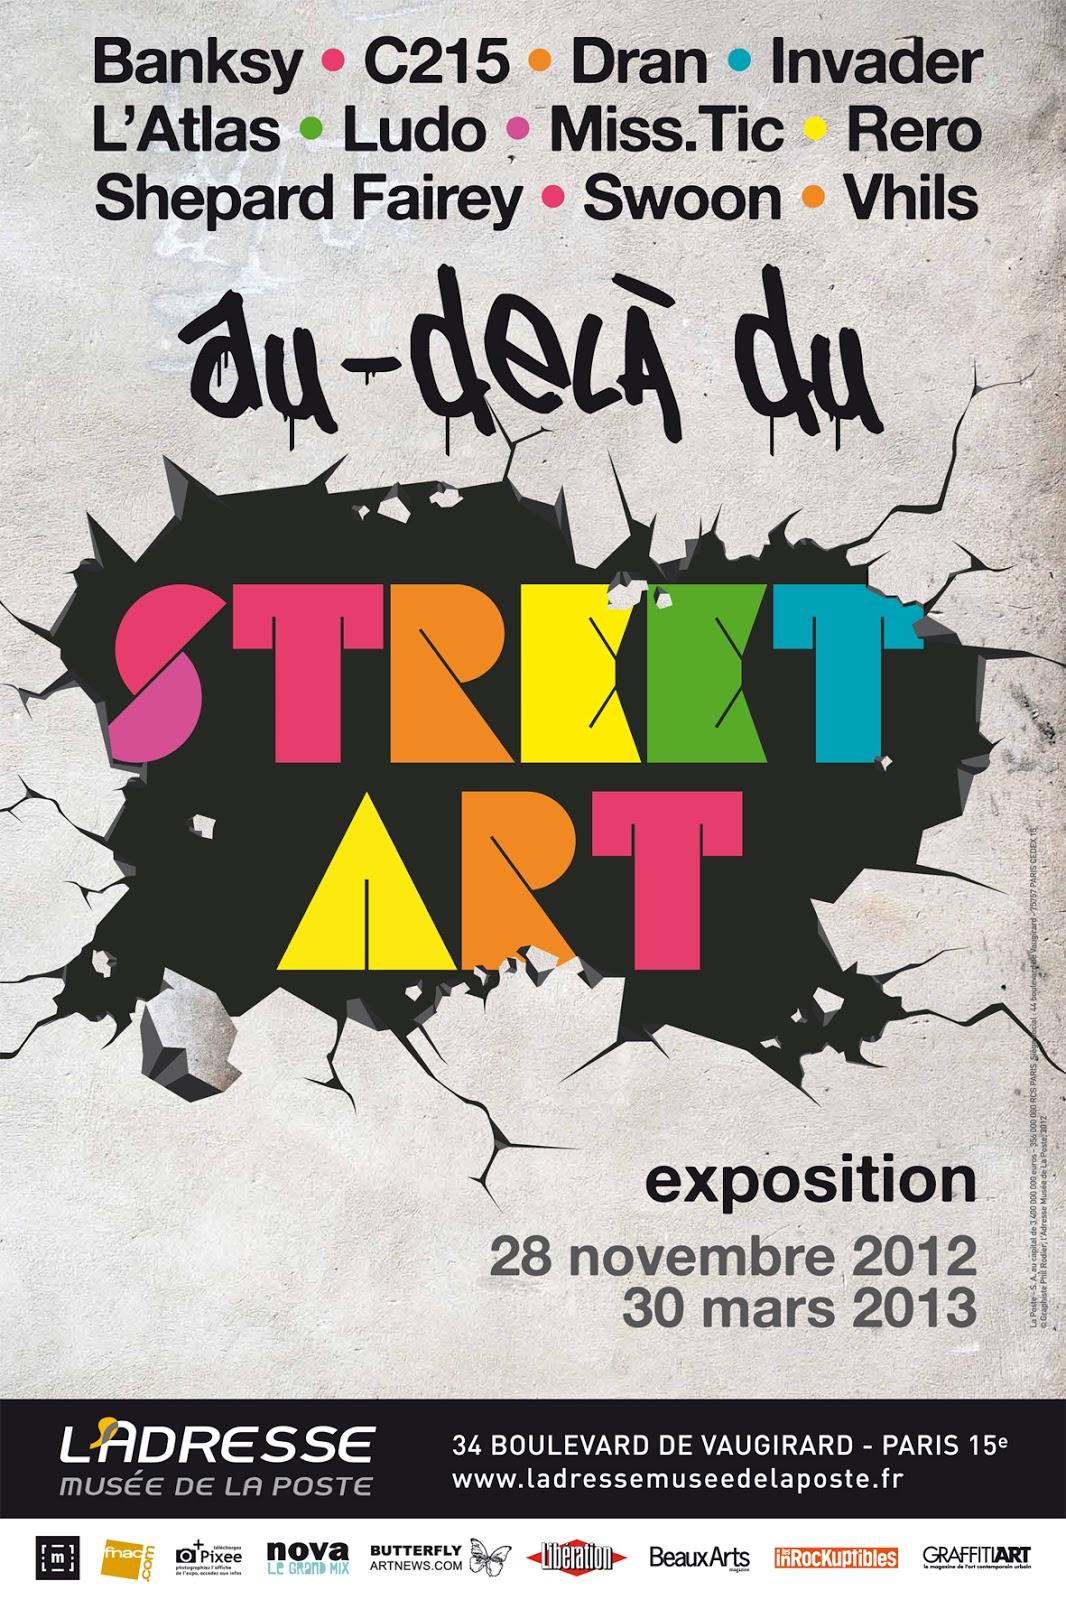 Expo au del du street art mus e de la poste 34 boulevard raspail paris 15 paris la douce - Expo street art paris ...